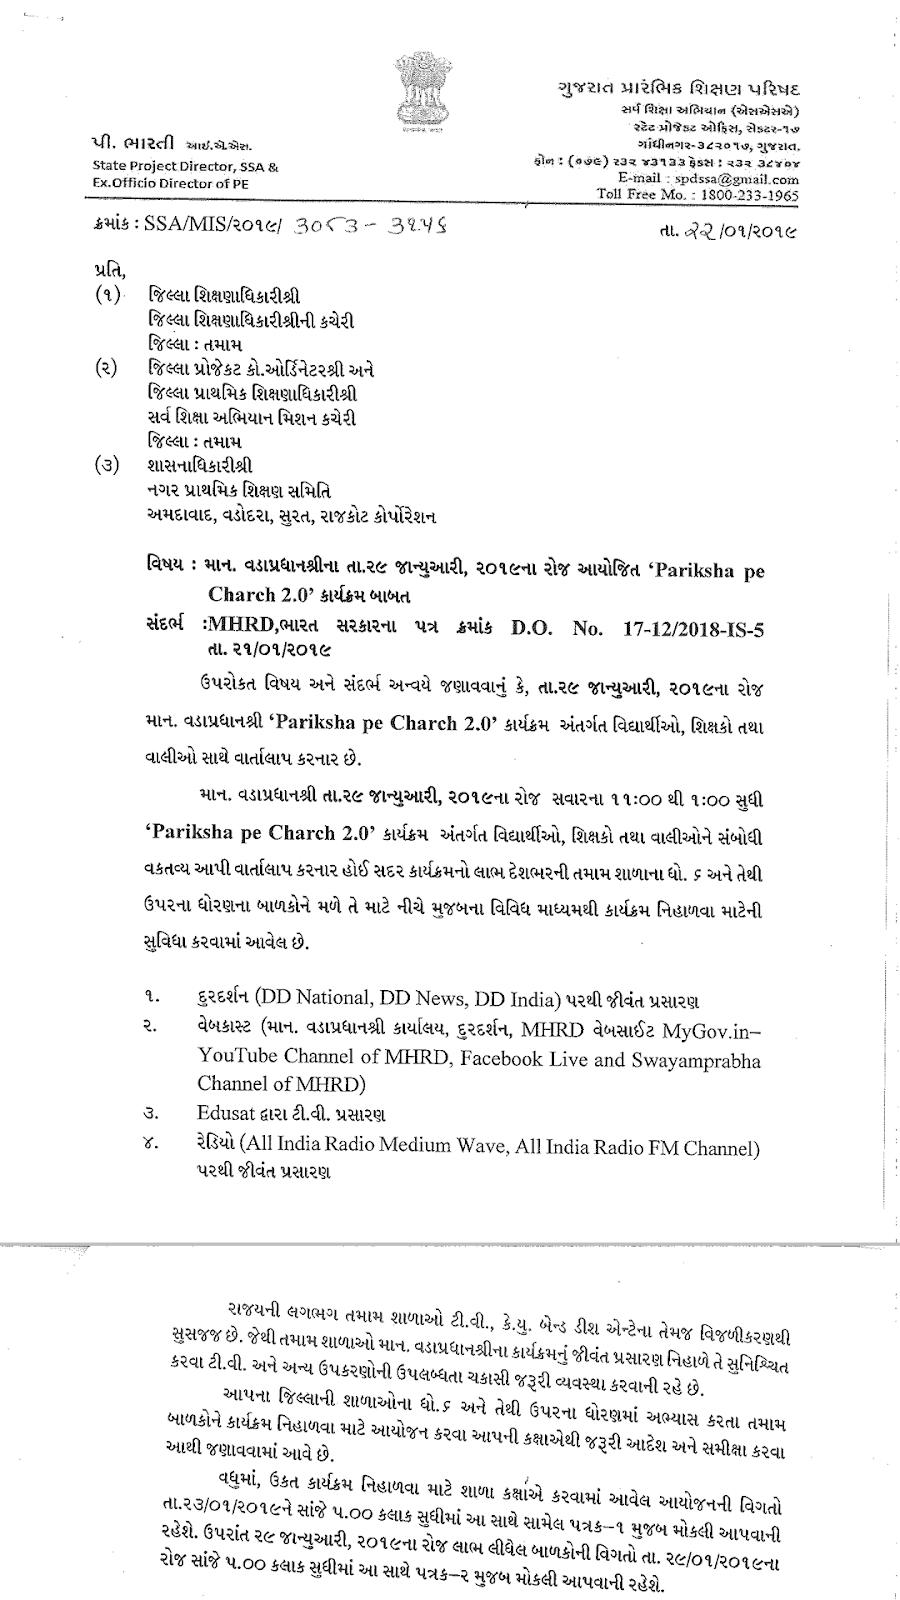 माननीय प्रधानमंत्री श्री का दिनांक-29/1/19 परीक्षा पे चर्चा 2.0 कार्यक्रम निहालने हेतु पत्र